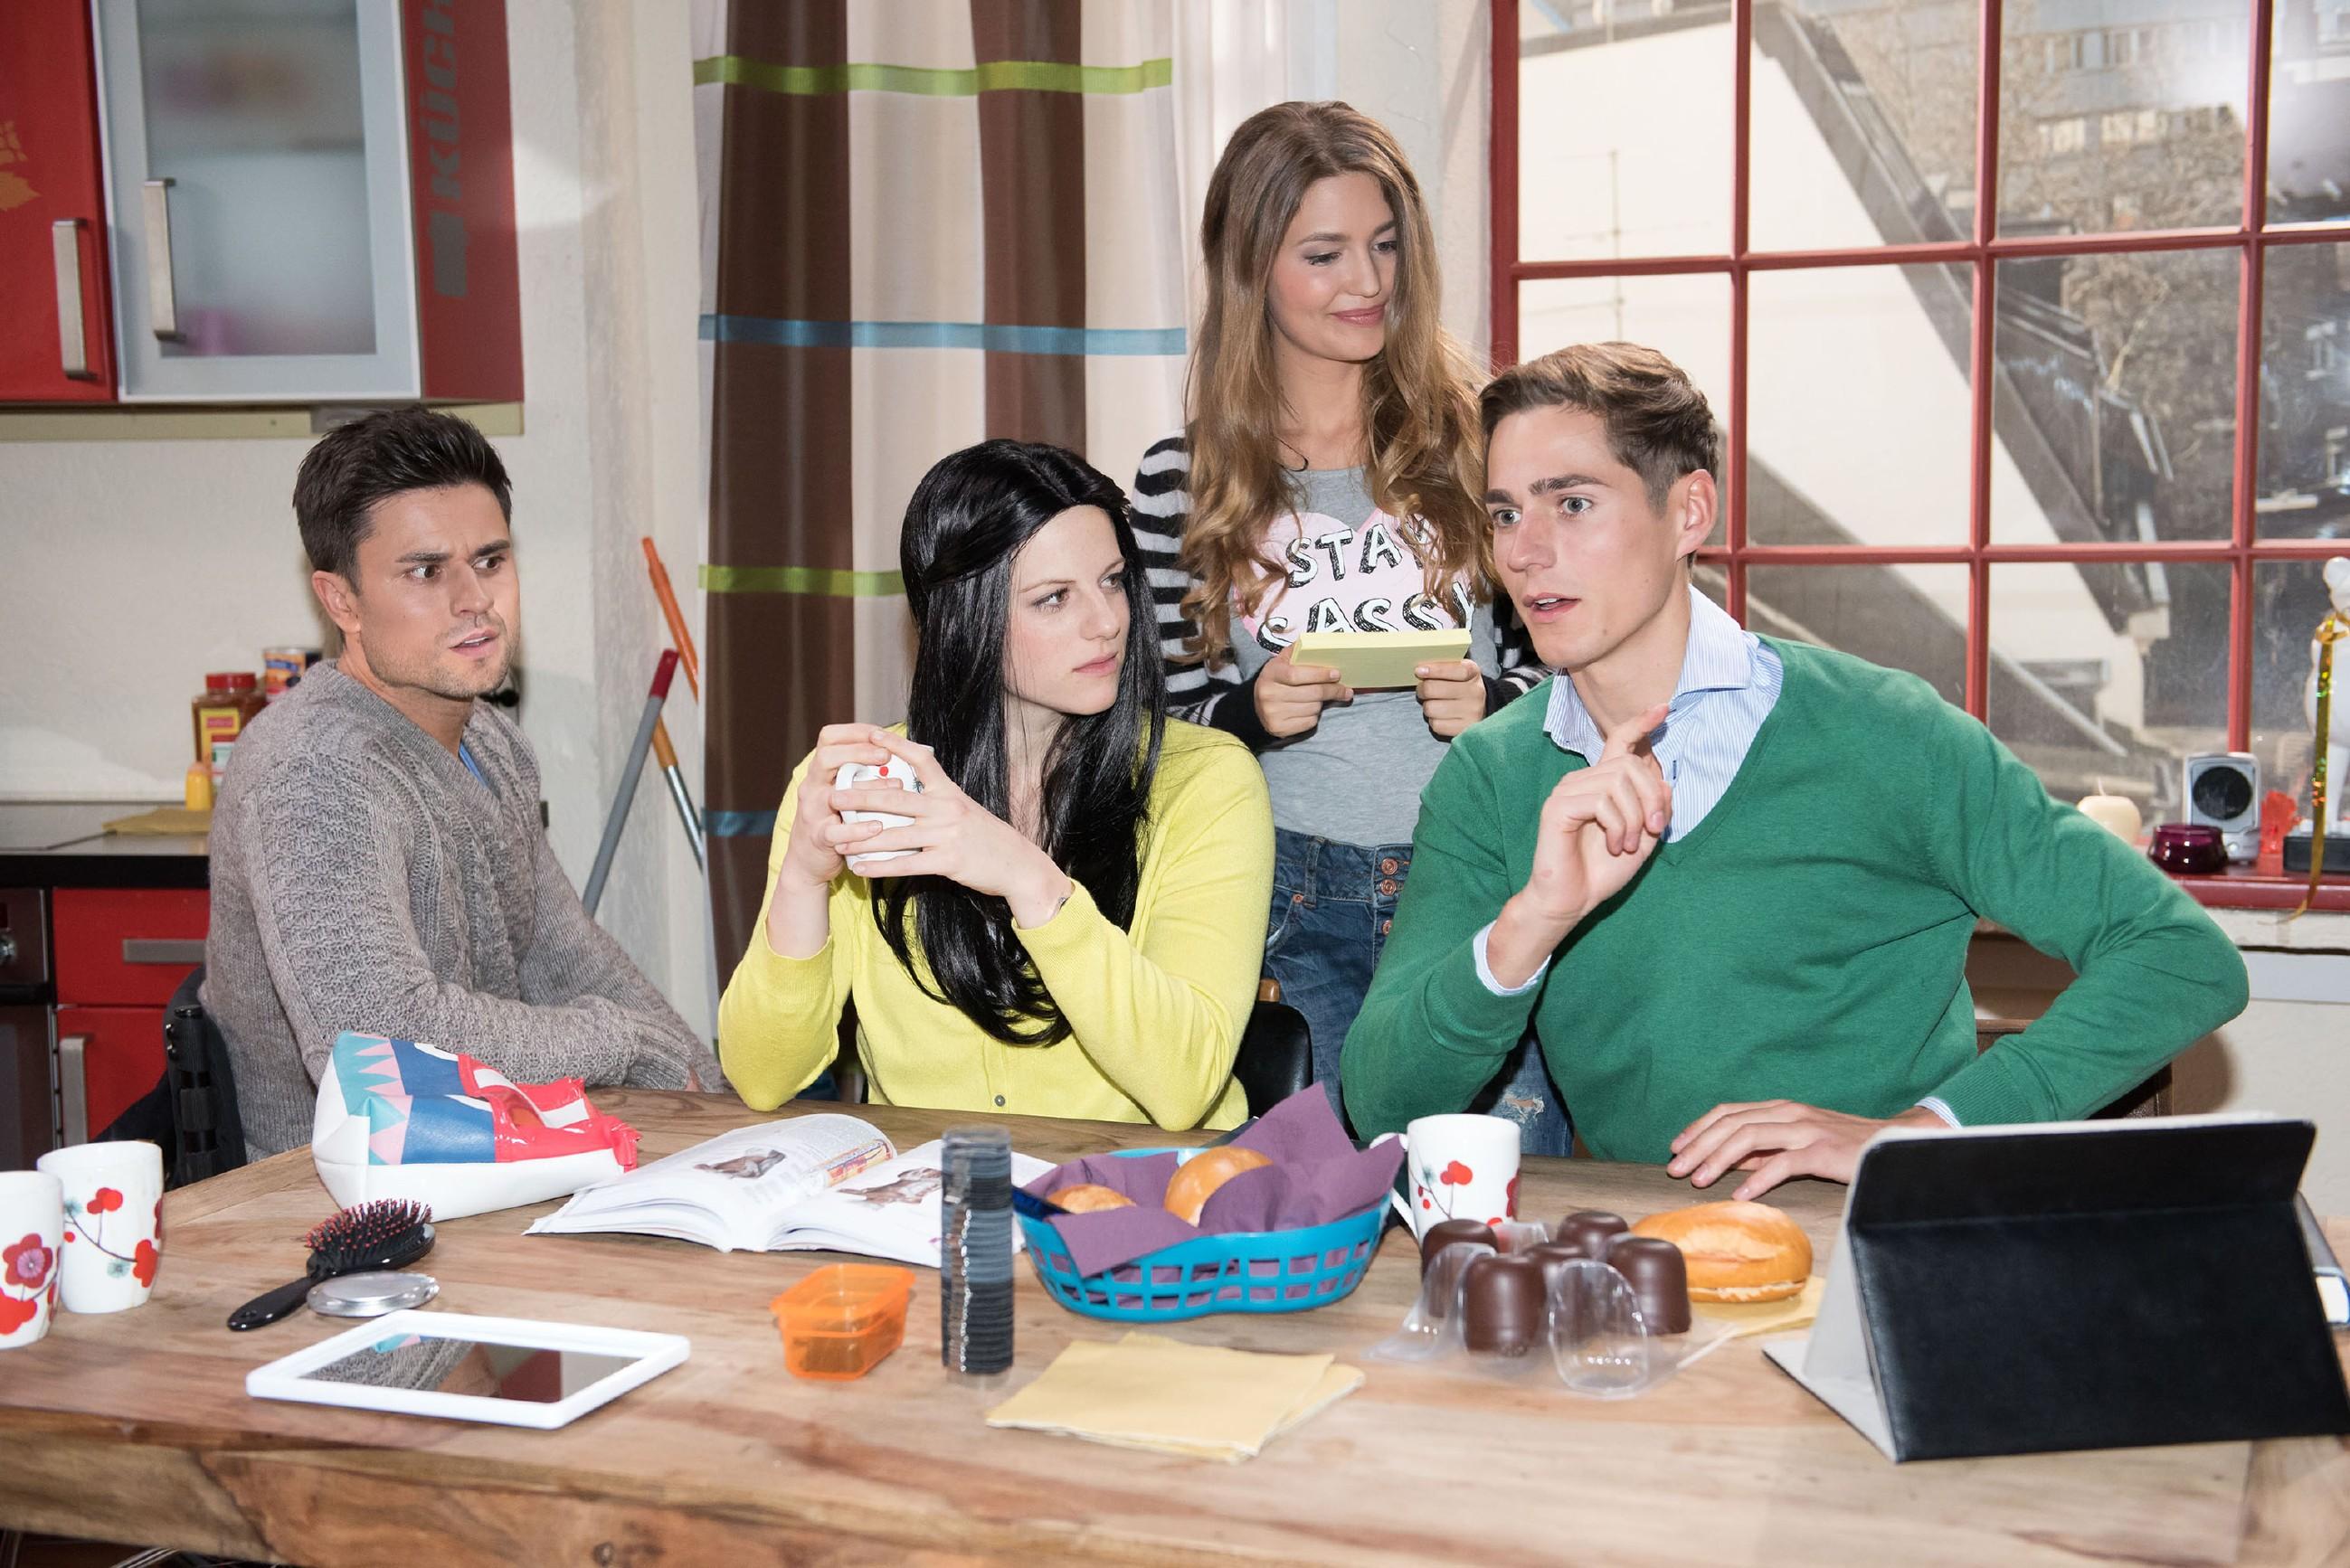 Paco (Milos Vukovic, l.), Jule (Amrei Haardt, r.) und Ringo (Timothy Boldt) unterstützen Elli (Nora Koppen) bei dem Plan, für Sina eine Uni-Prüfung abzulegen. (Quelle: RTL / Stefan Behrens)